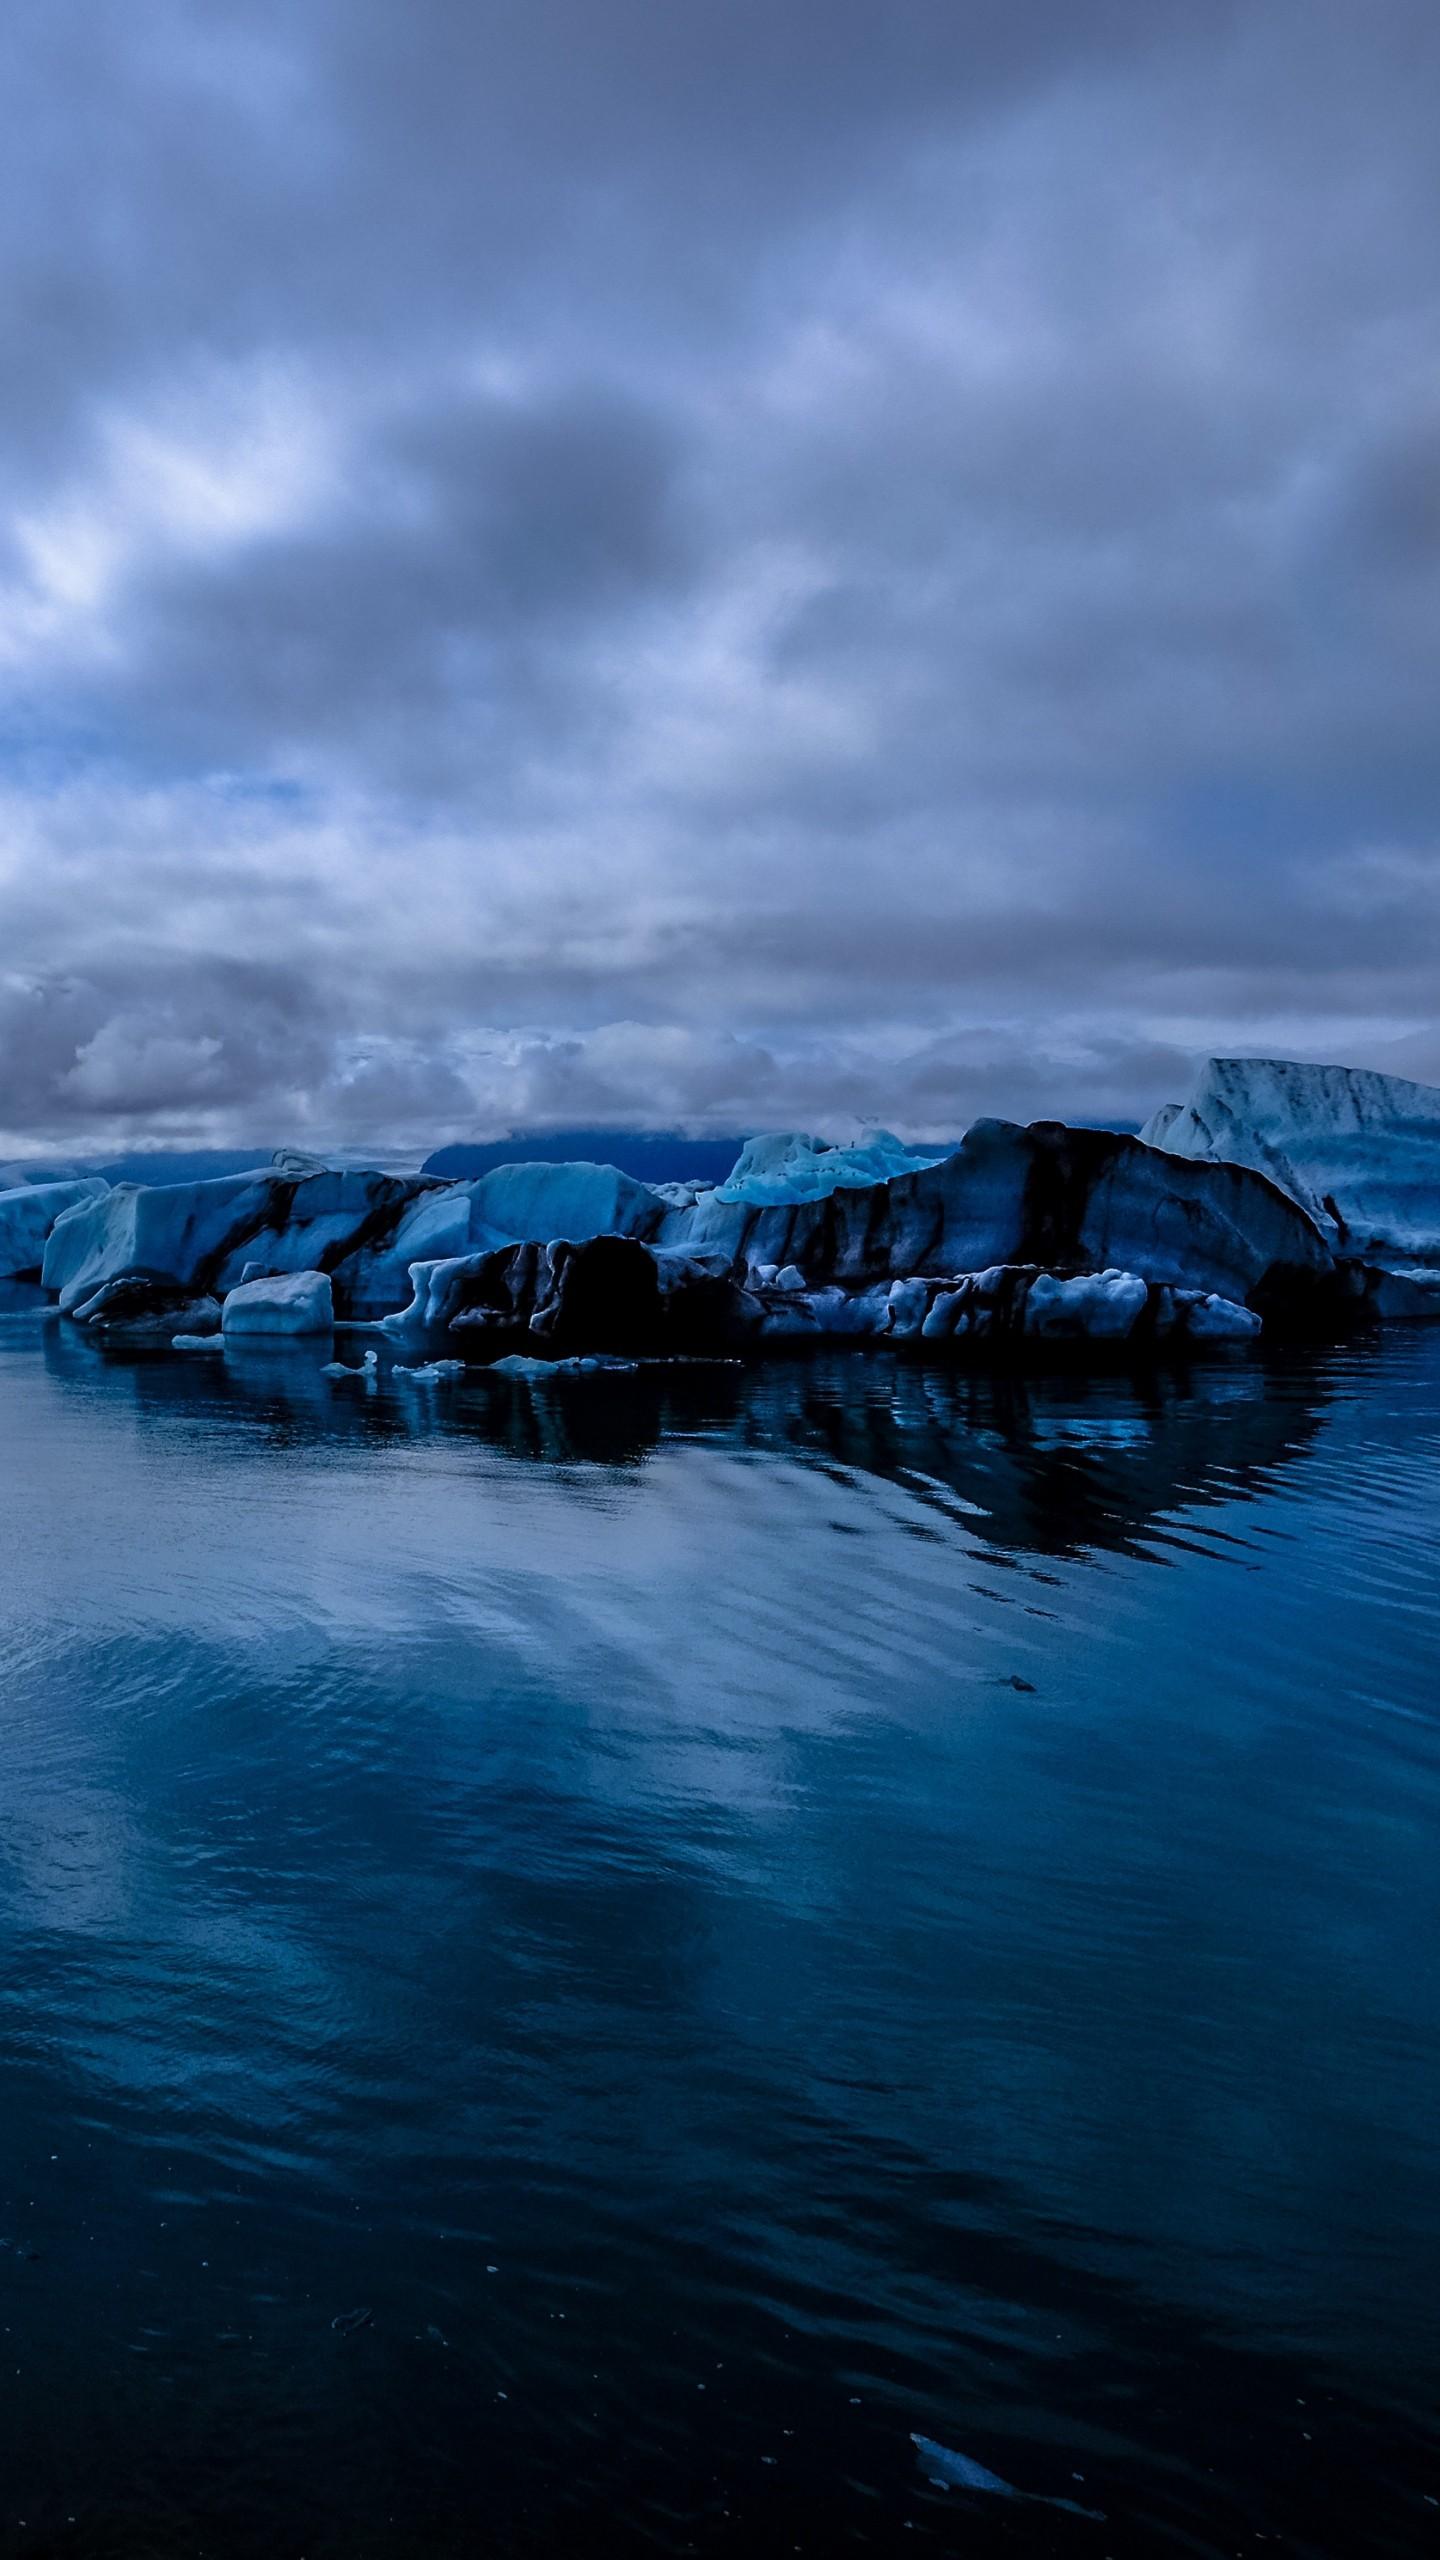 Glacier Sea Snow Ice Evening Wallpaper